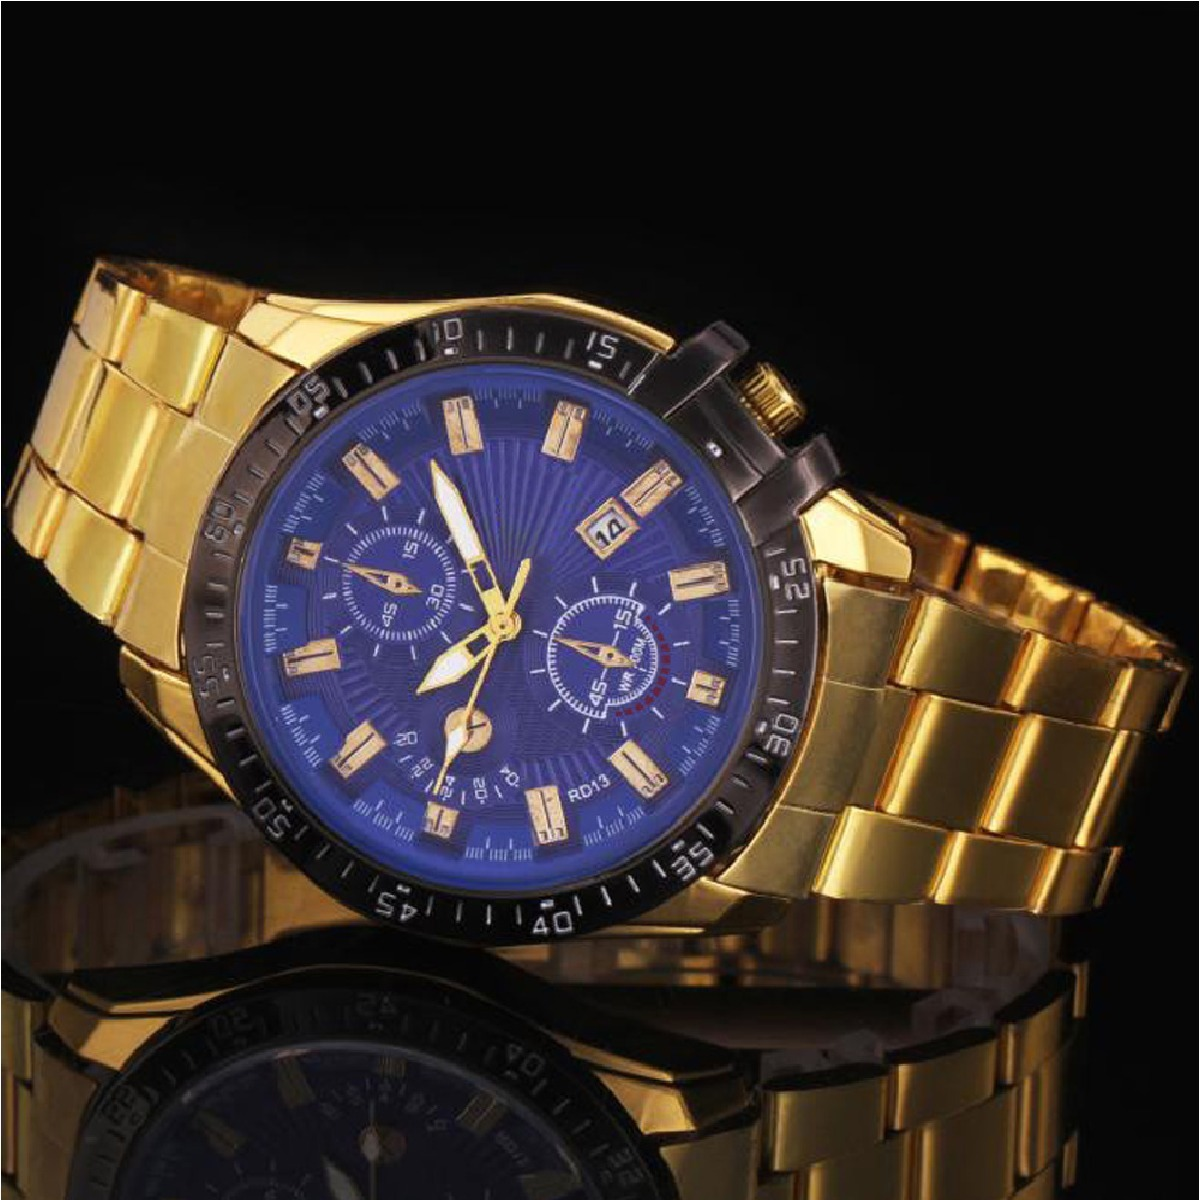 3c6f219f754 relógio masculino ouro de luxo pulso aço inoxidável. Carregando zoom.